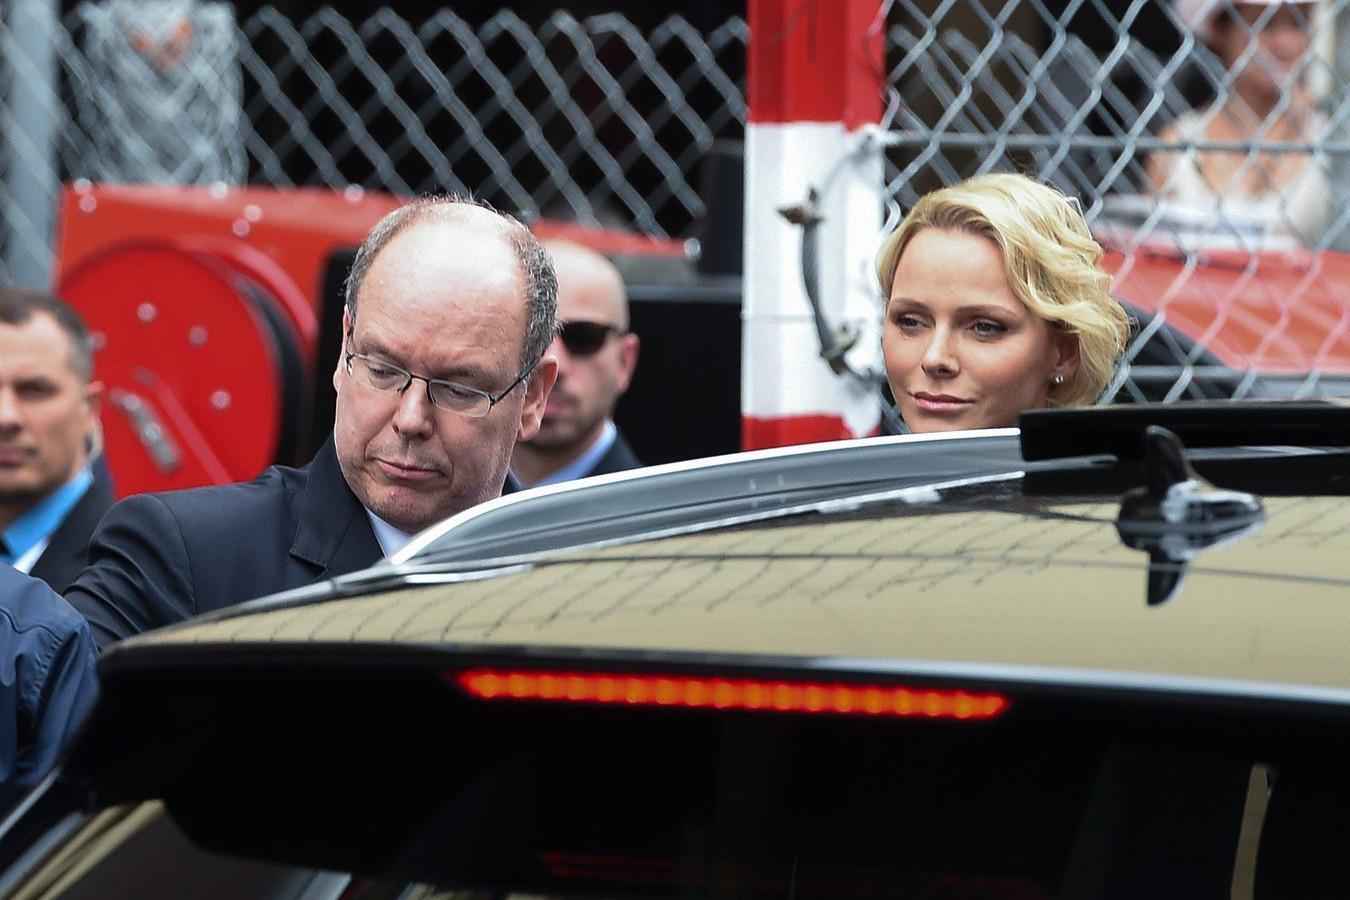 Albert de Monaco et Charlene, Grand Prix de Monaco, 26 mai 2019 à Monte Carlo